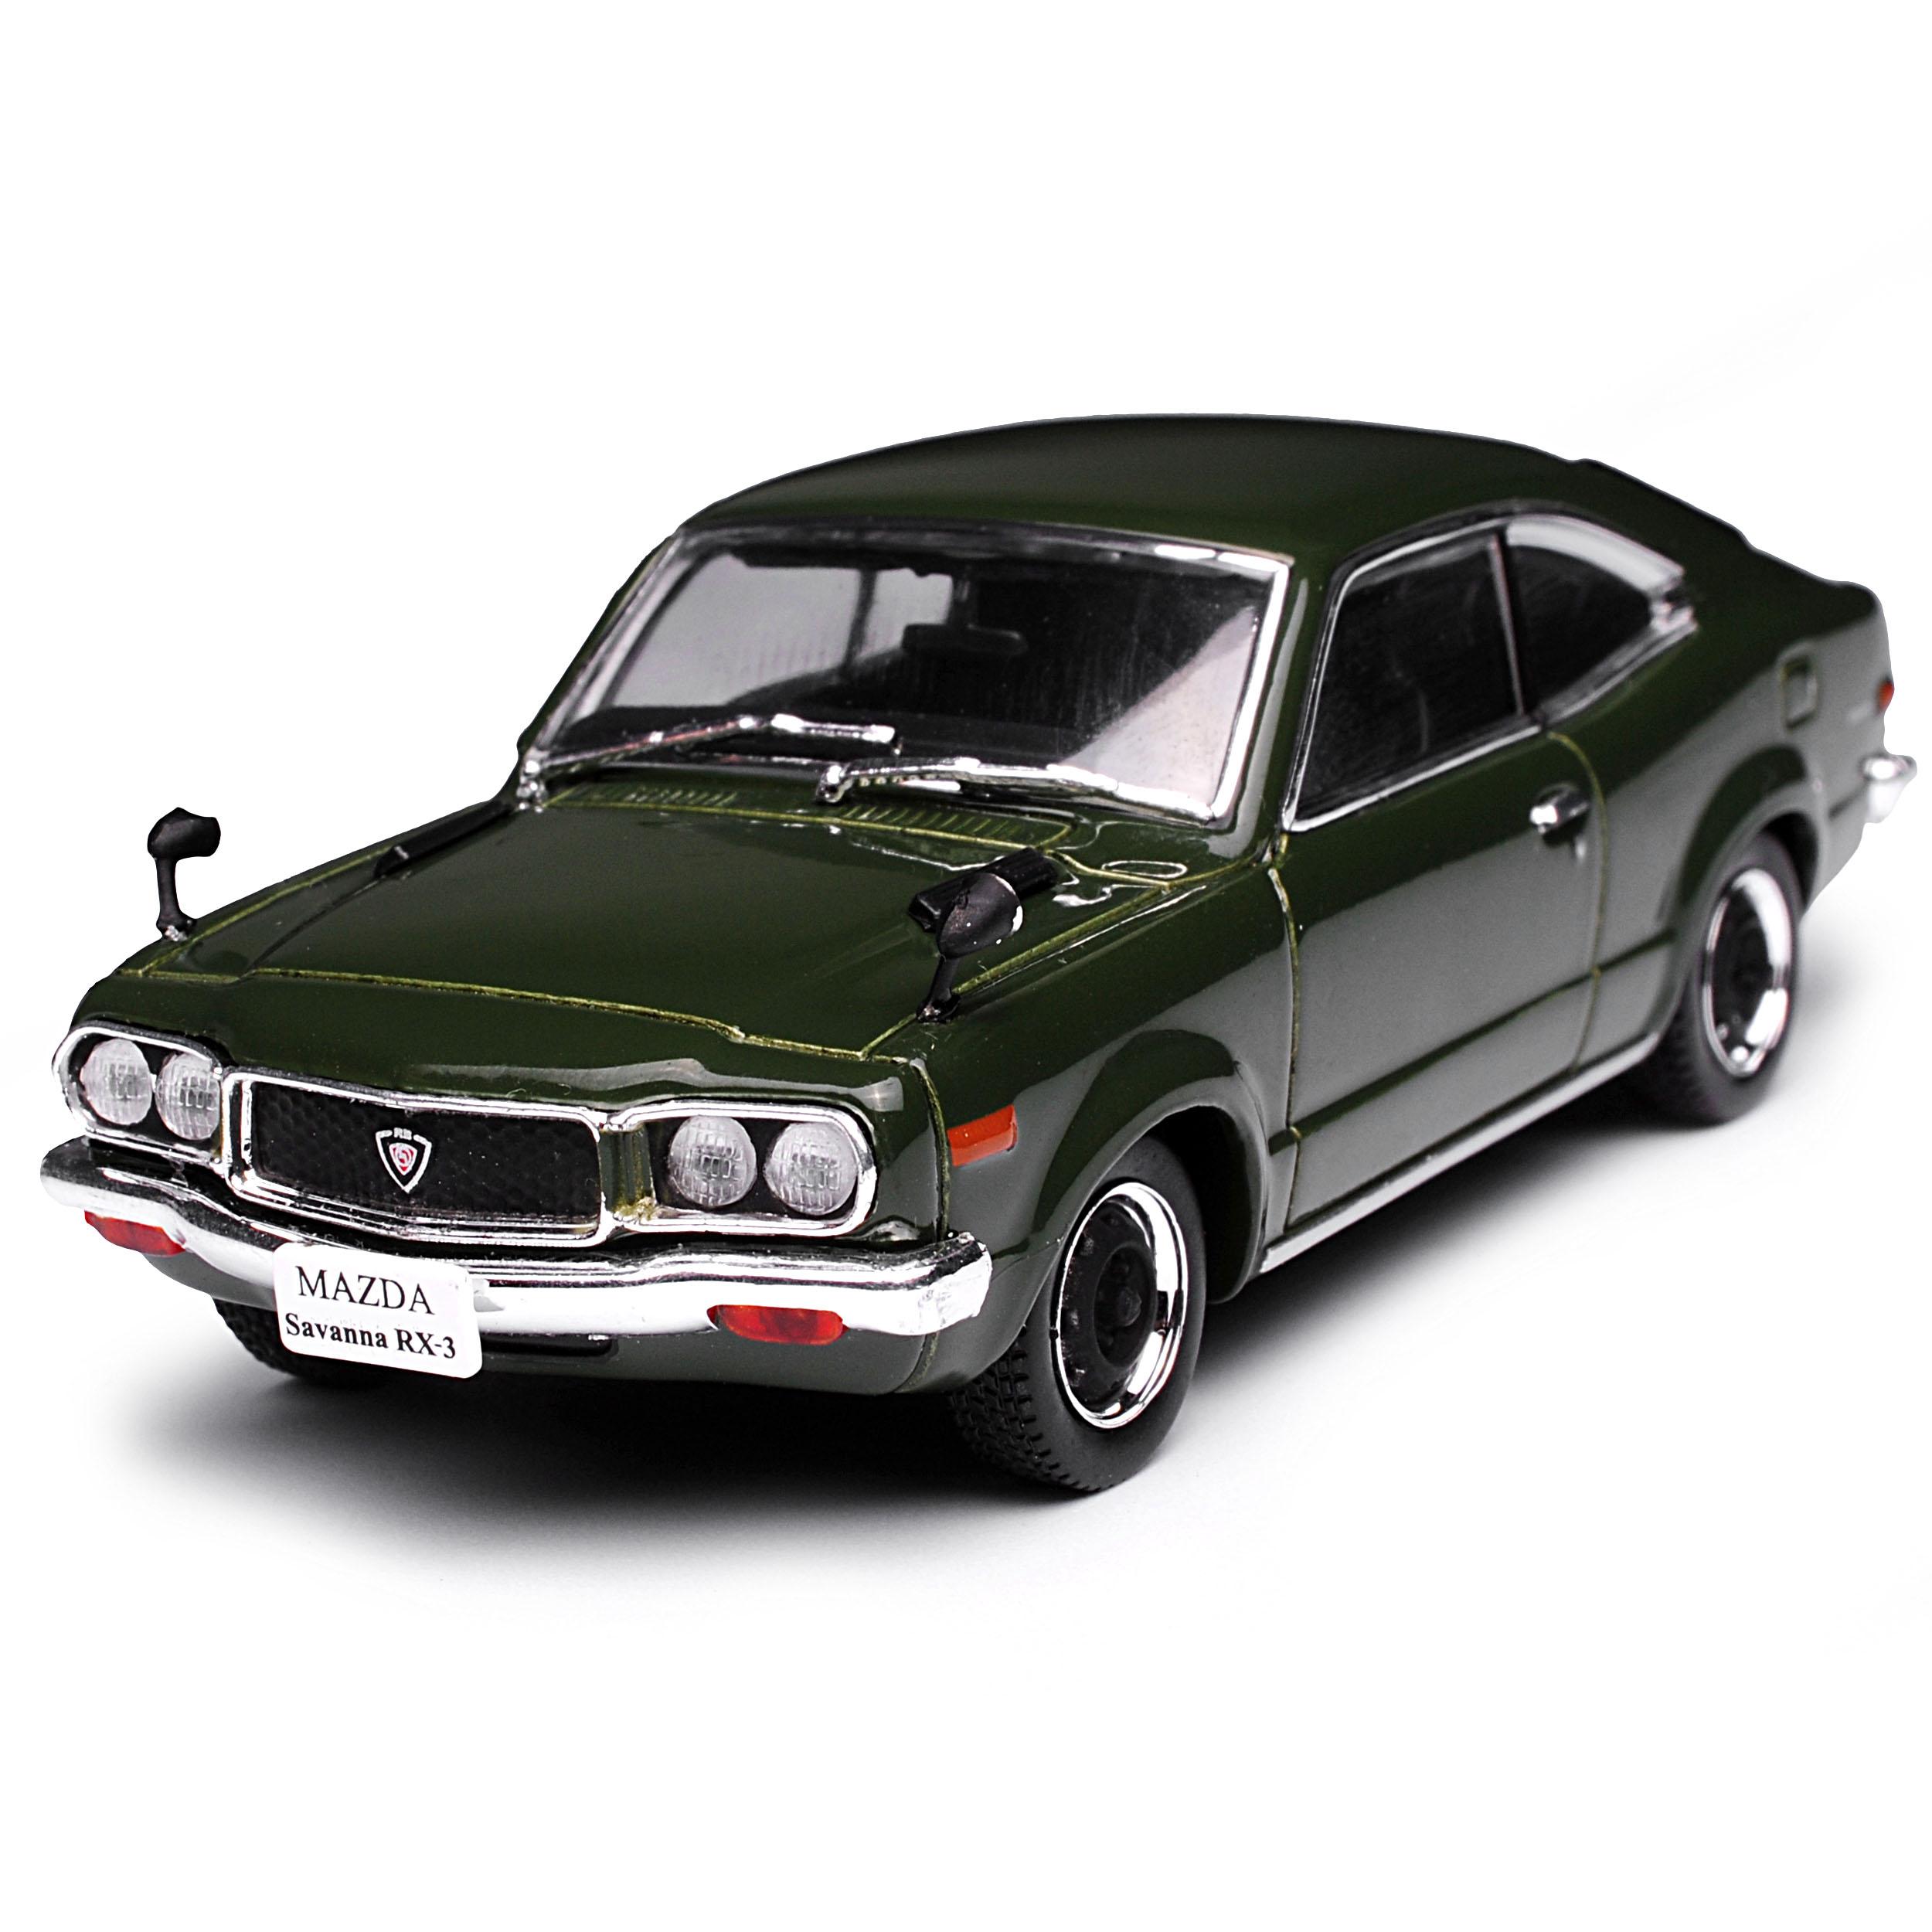 Mazda RX-3 Savanna Coupe Dunkel Grün 1972-1978 1//43 Norev Modell Auto mit oder..